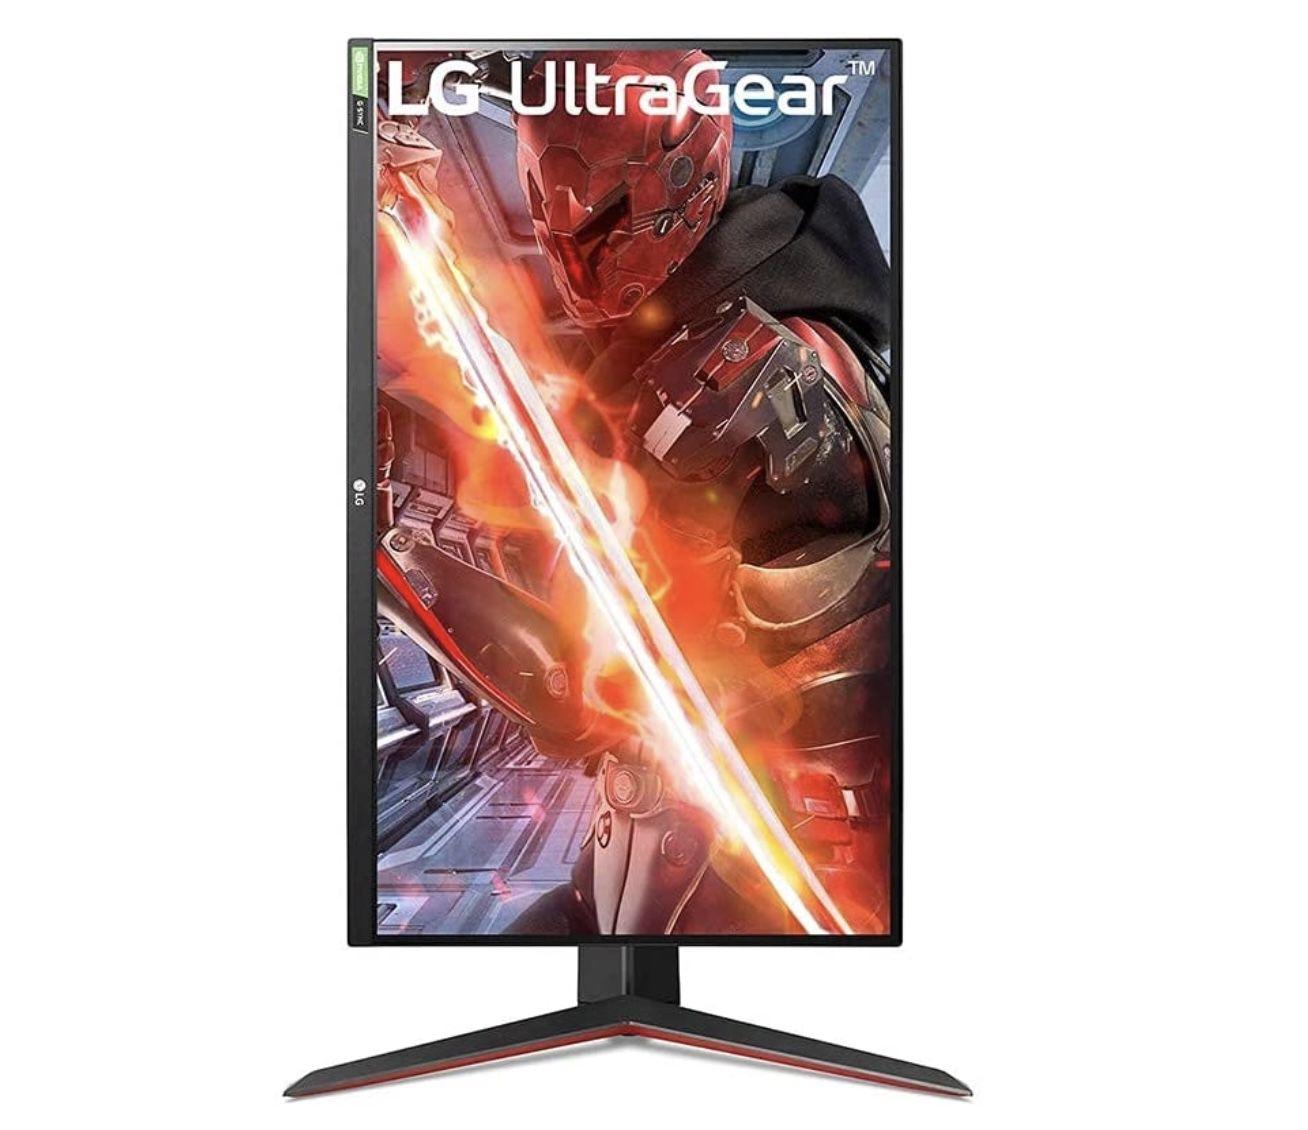 LG 27GN850 B 27 Zoll Gaming Monitor mit 1ms und 144hz für 310,81€ (statt 386€)